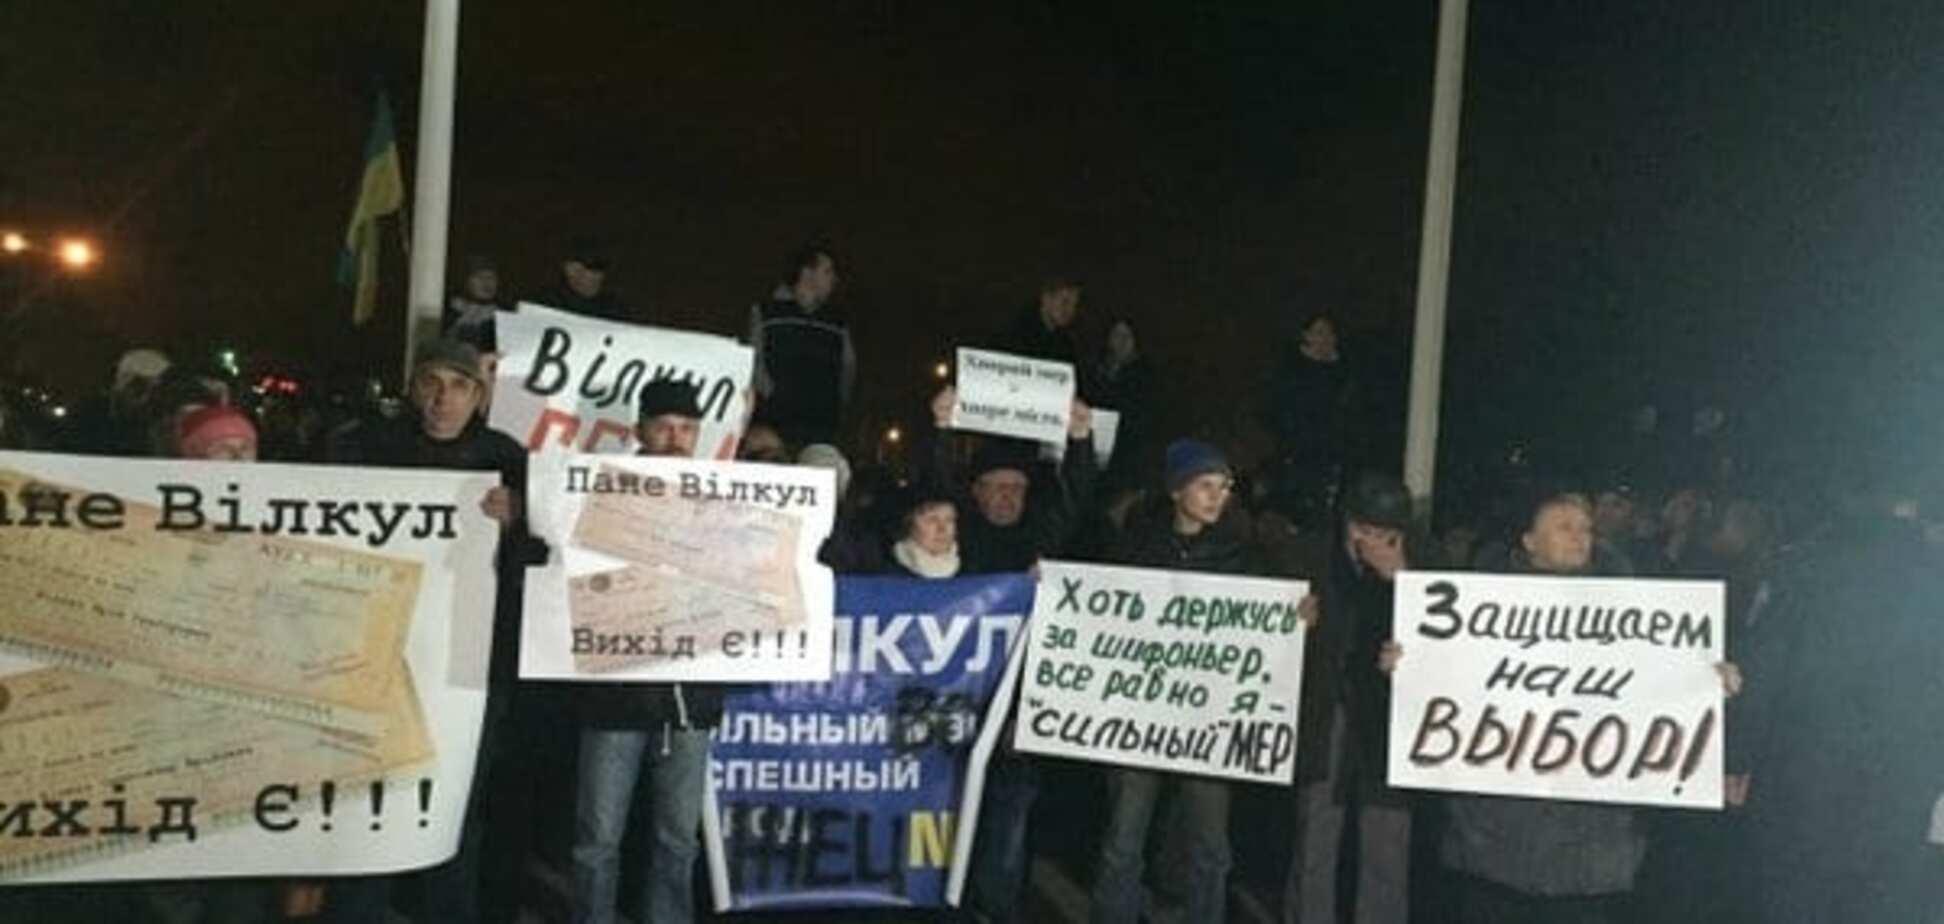 'Буде Майдан, будуть шини!' У Кривому Розі розгорілася боротьба за крісло мера: фотофакт